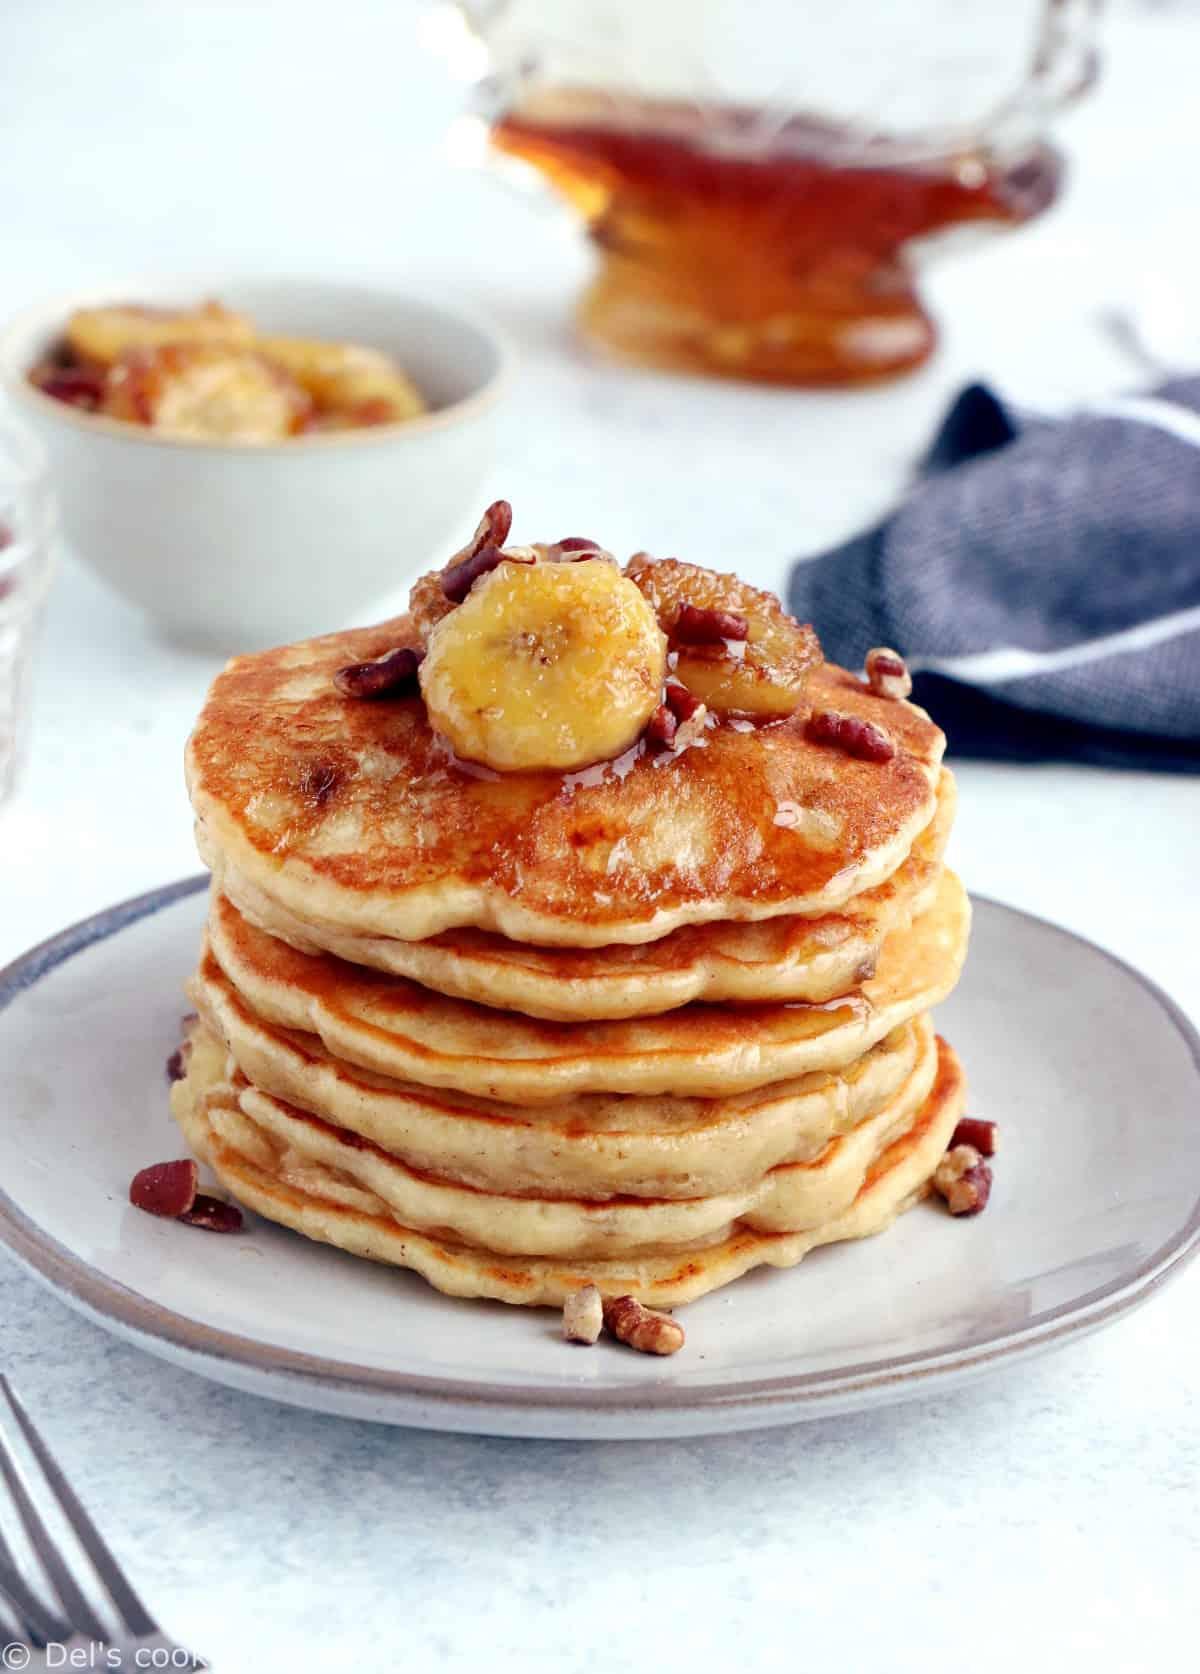 Ces pancakes à la banane sont moelleux et généreux, avec une délicieuse saveur qui vous rappelera celle d'un banana bread.